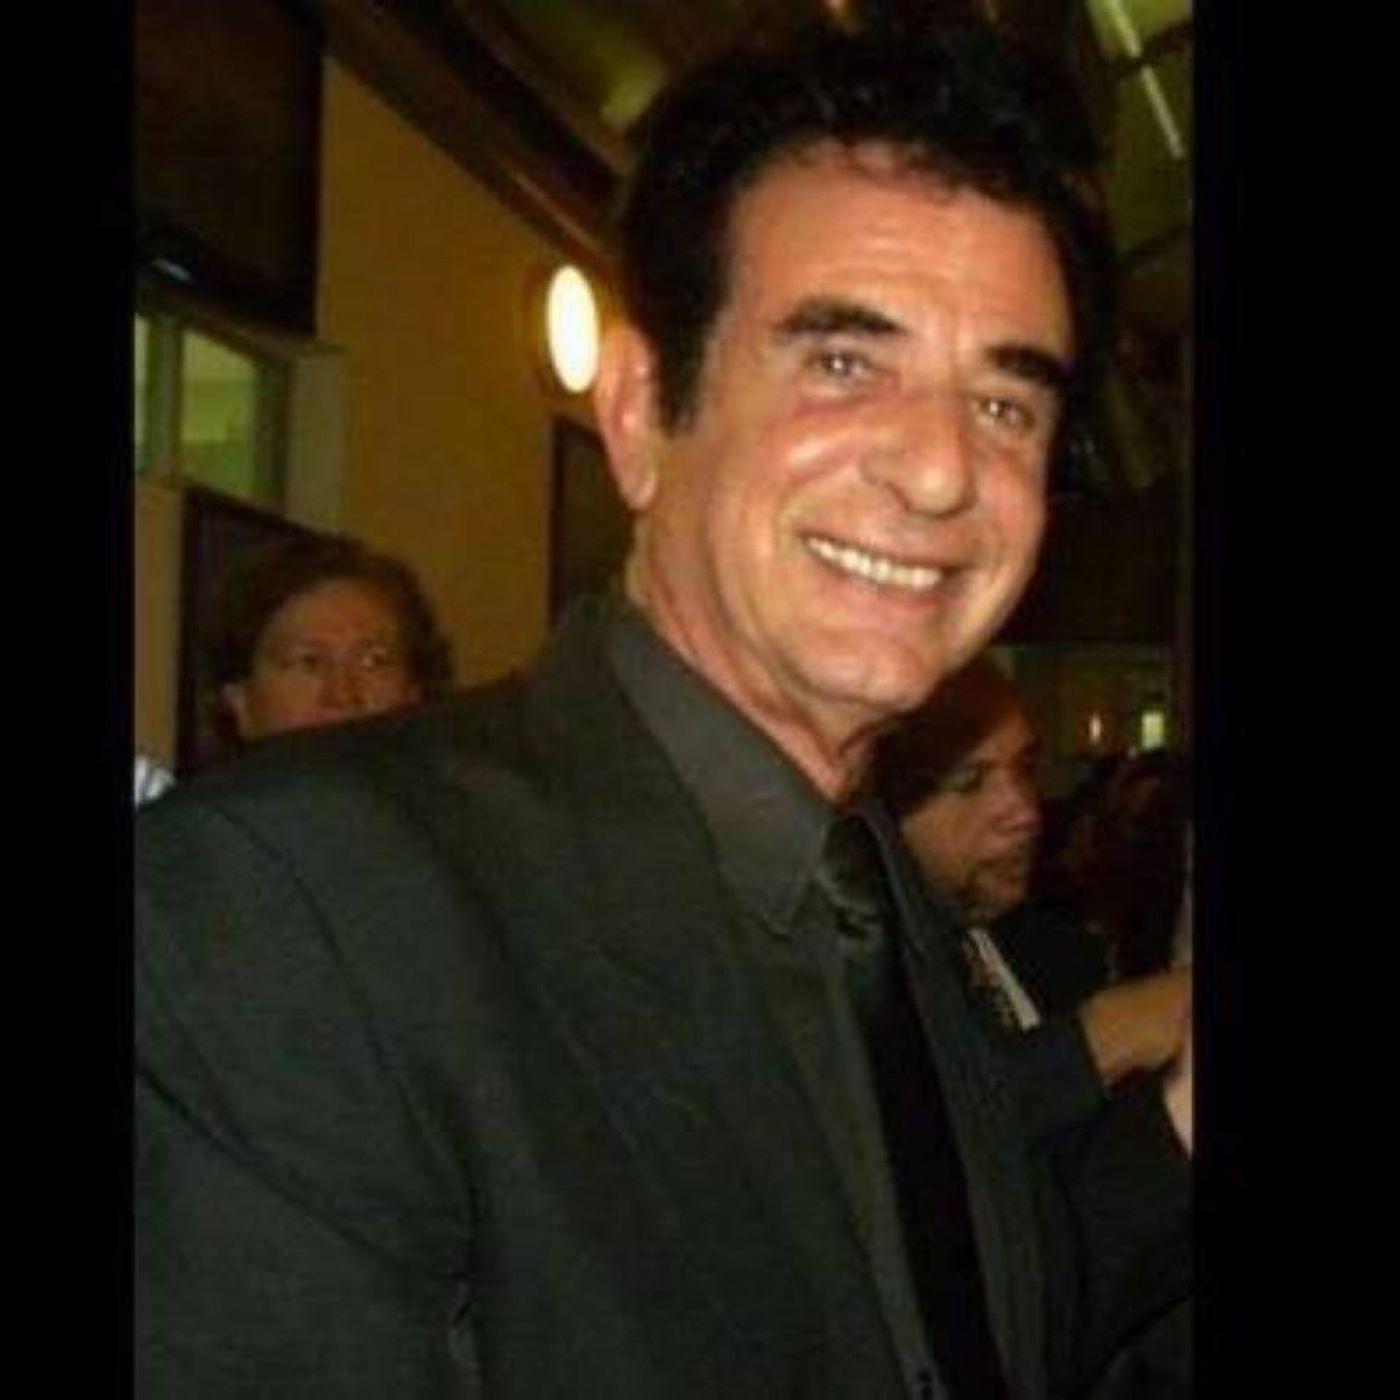 Tony Tarantino-Actor, director, producer